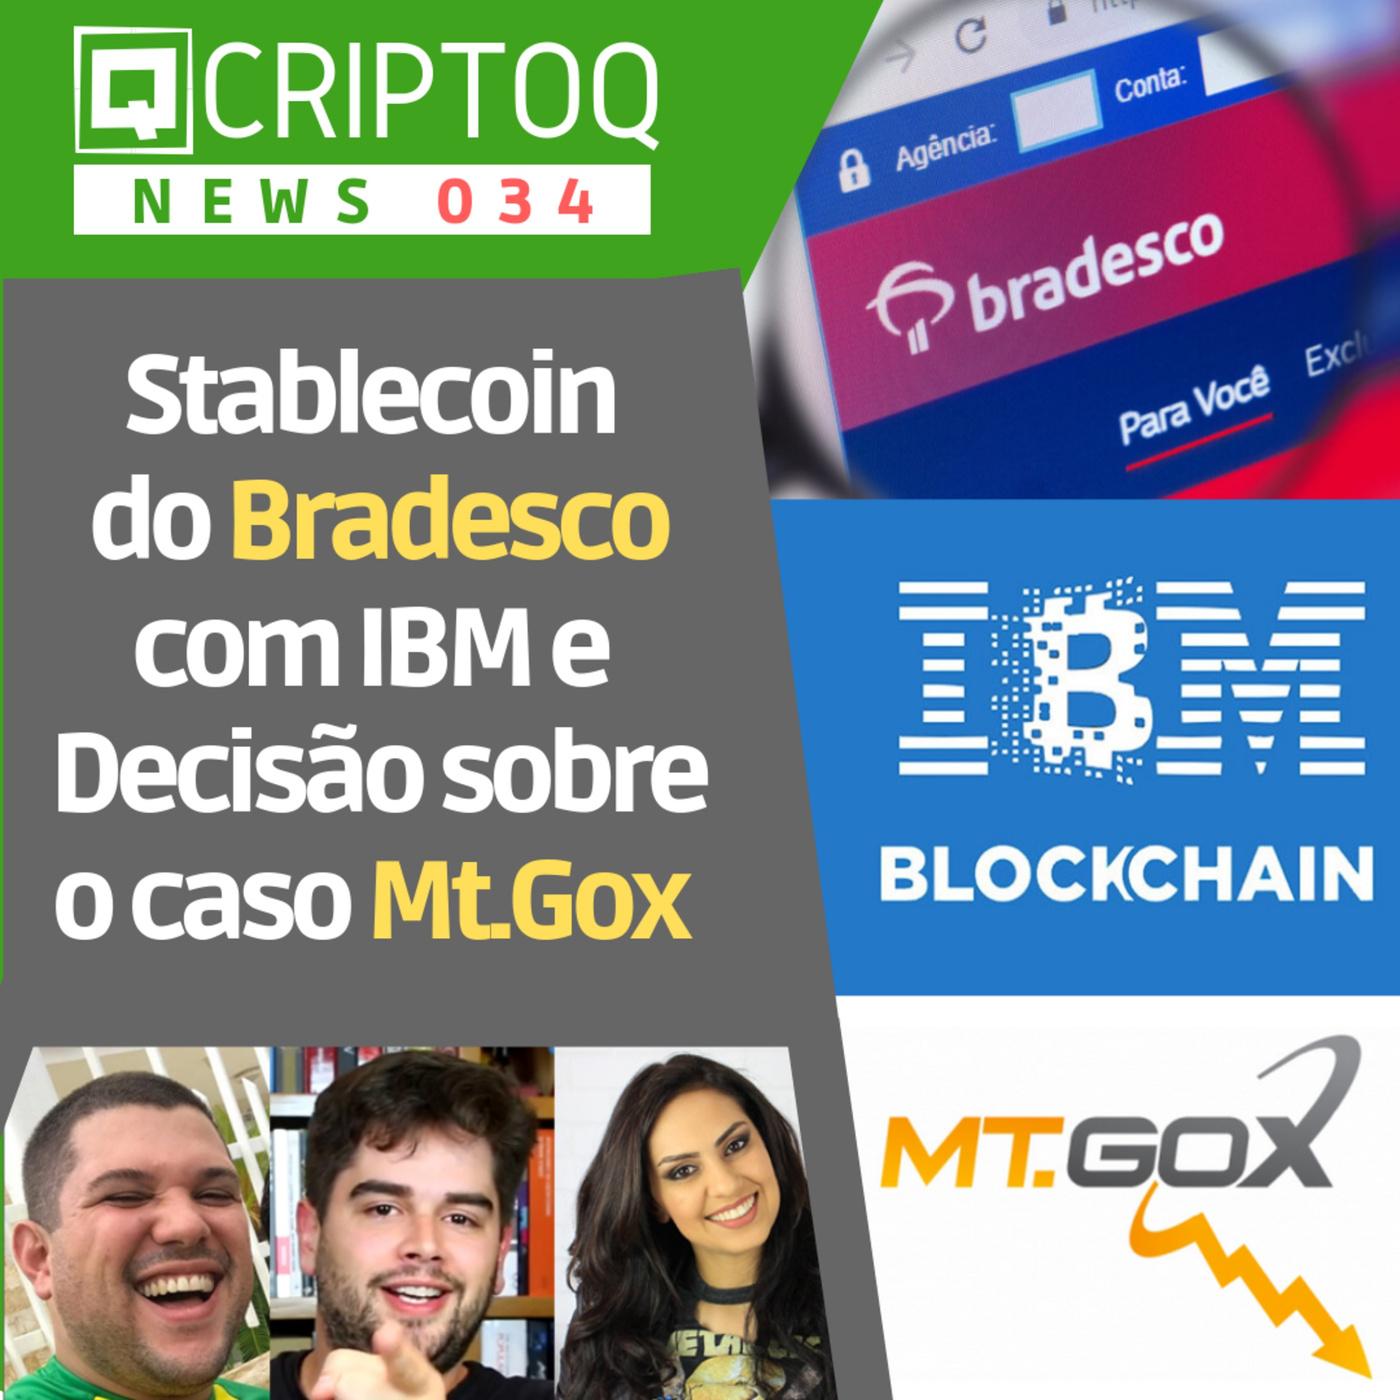 Stablecoin do Bradesco em parceria com IBM e Decisão sobre o caso Mt.Gox   CriptoQ News 034